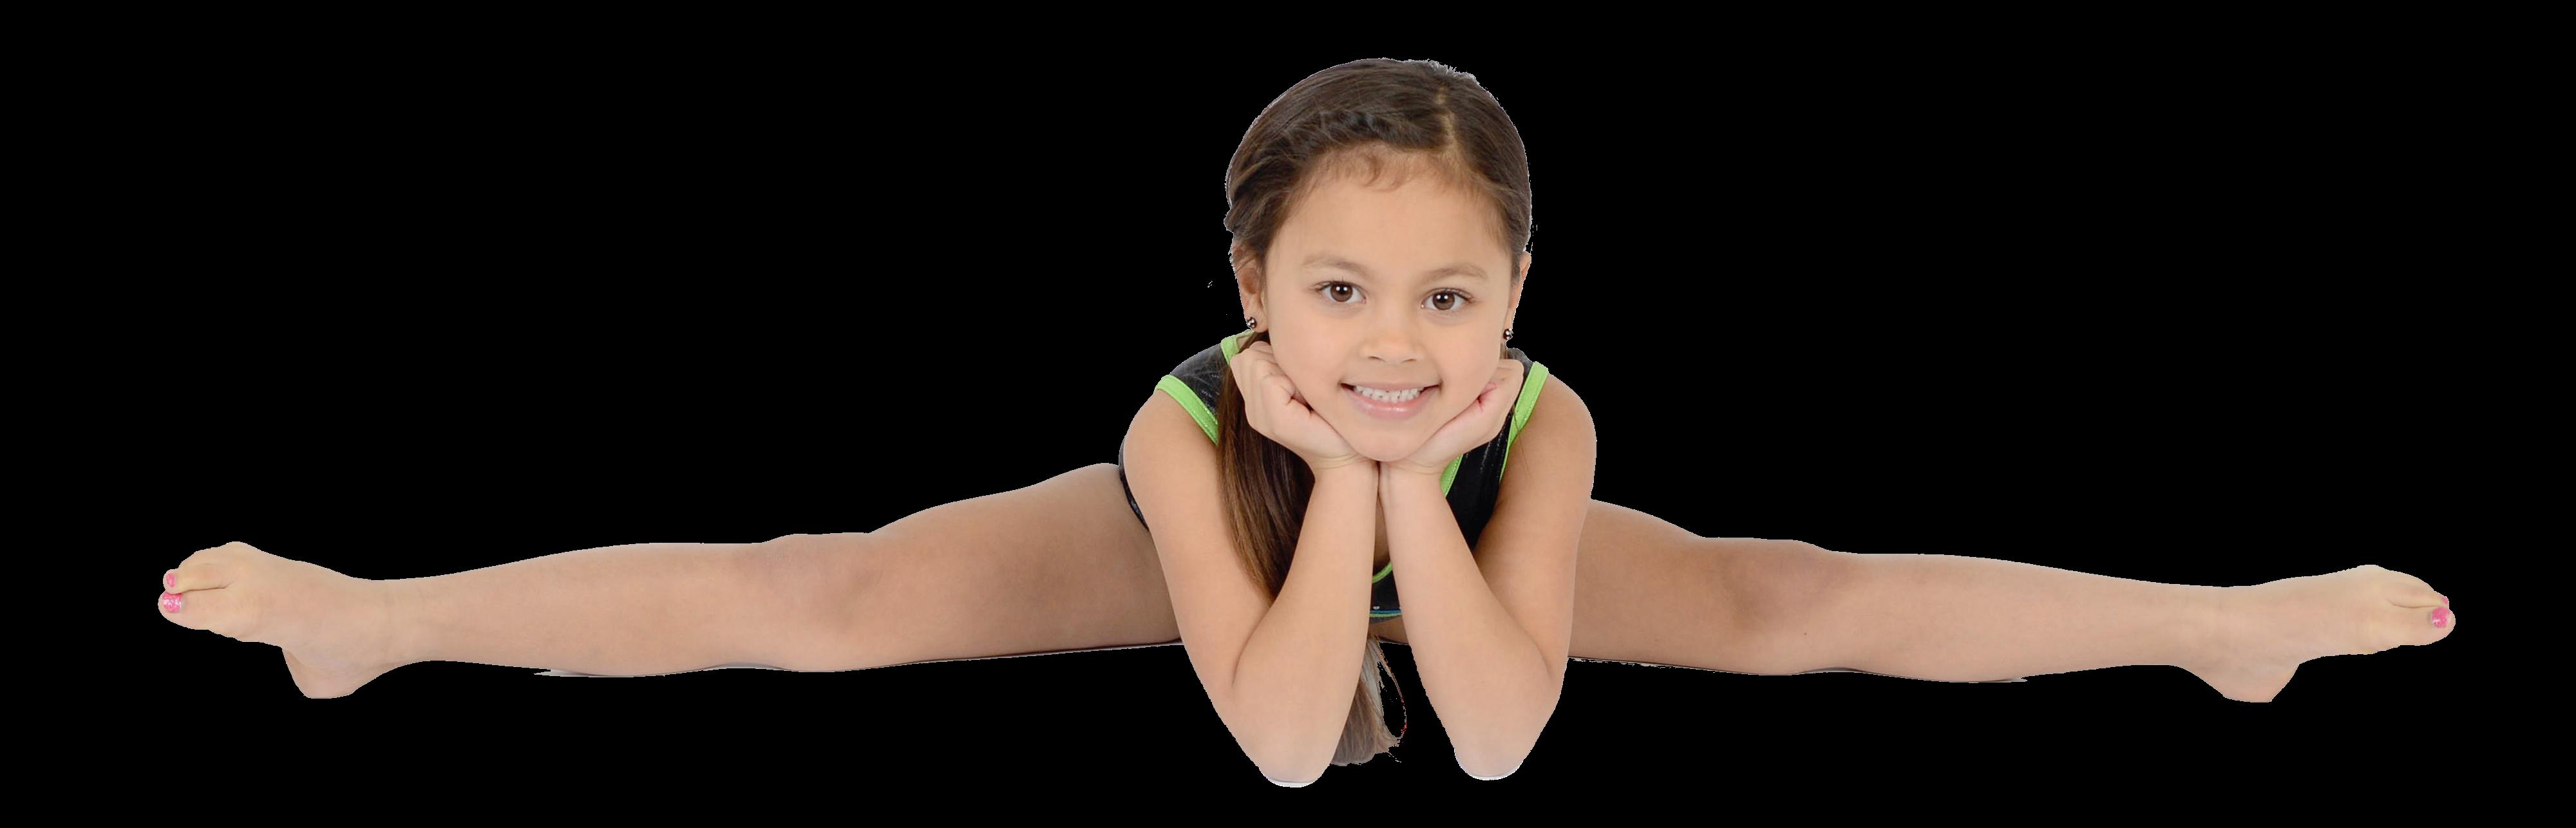 Gymnastics PNG Splits